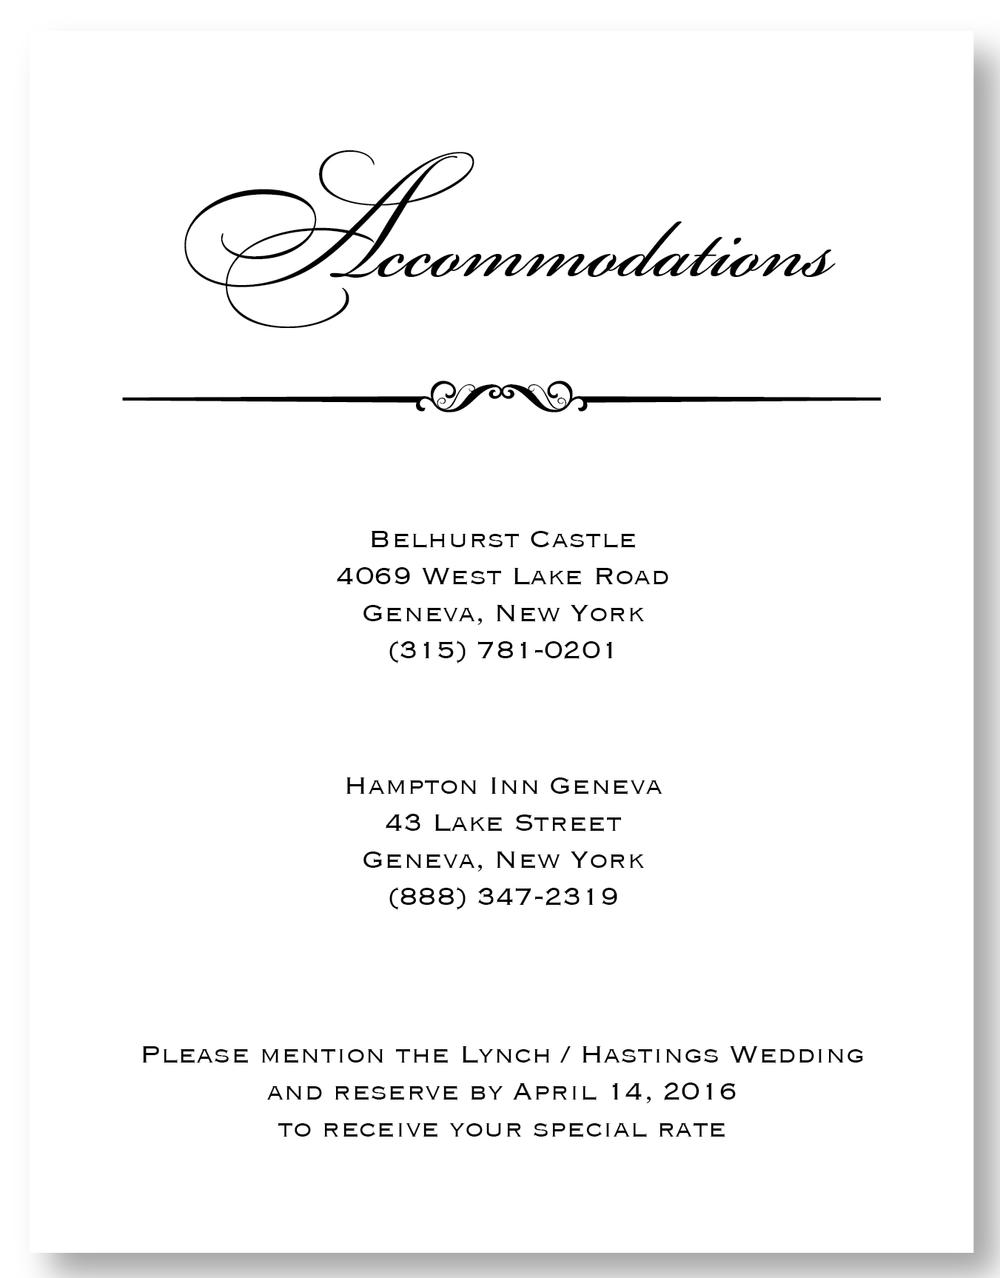 The Belhurst - Accommodation Card